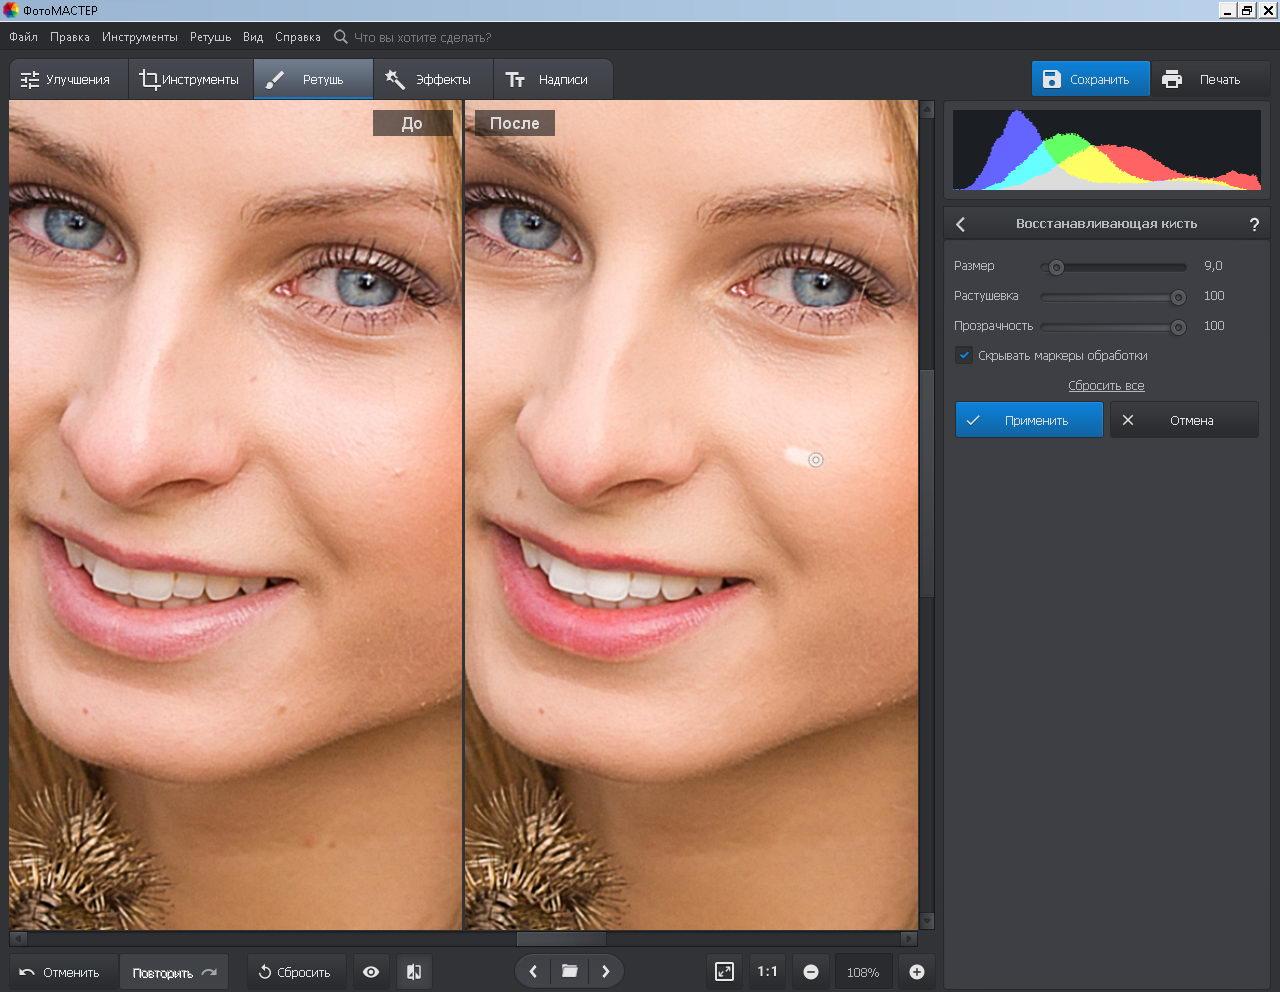 Автоматическая обработка фотографий в редакторе №2